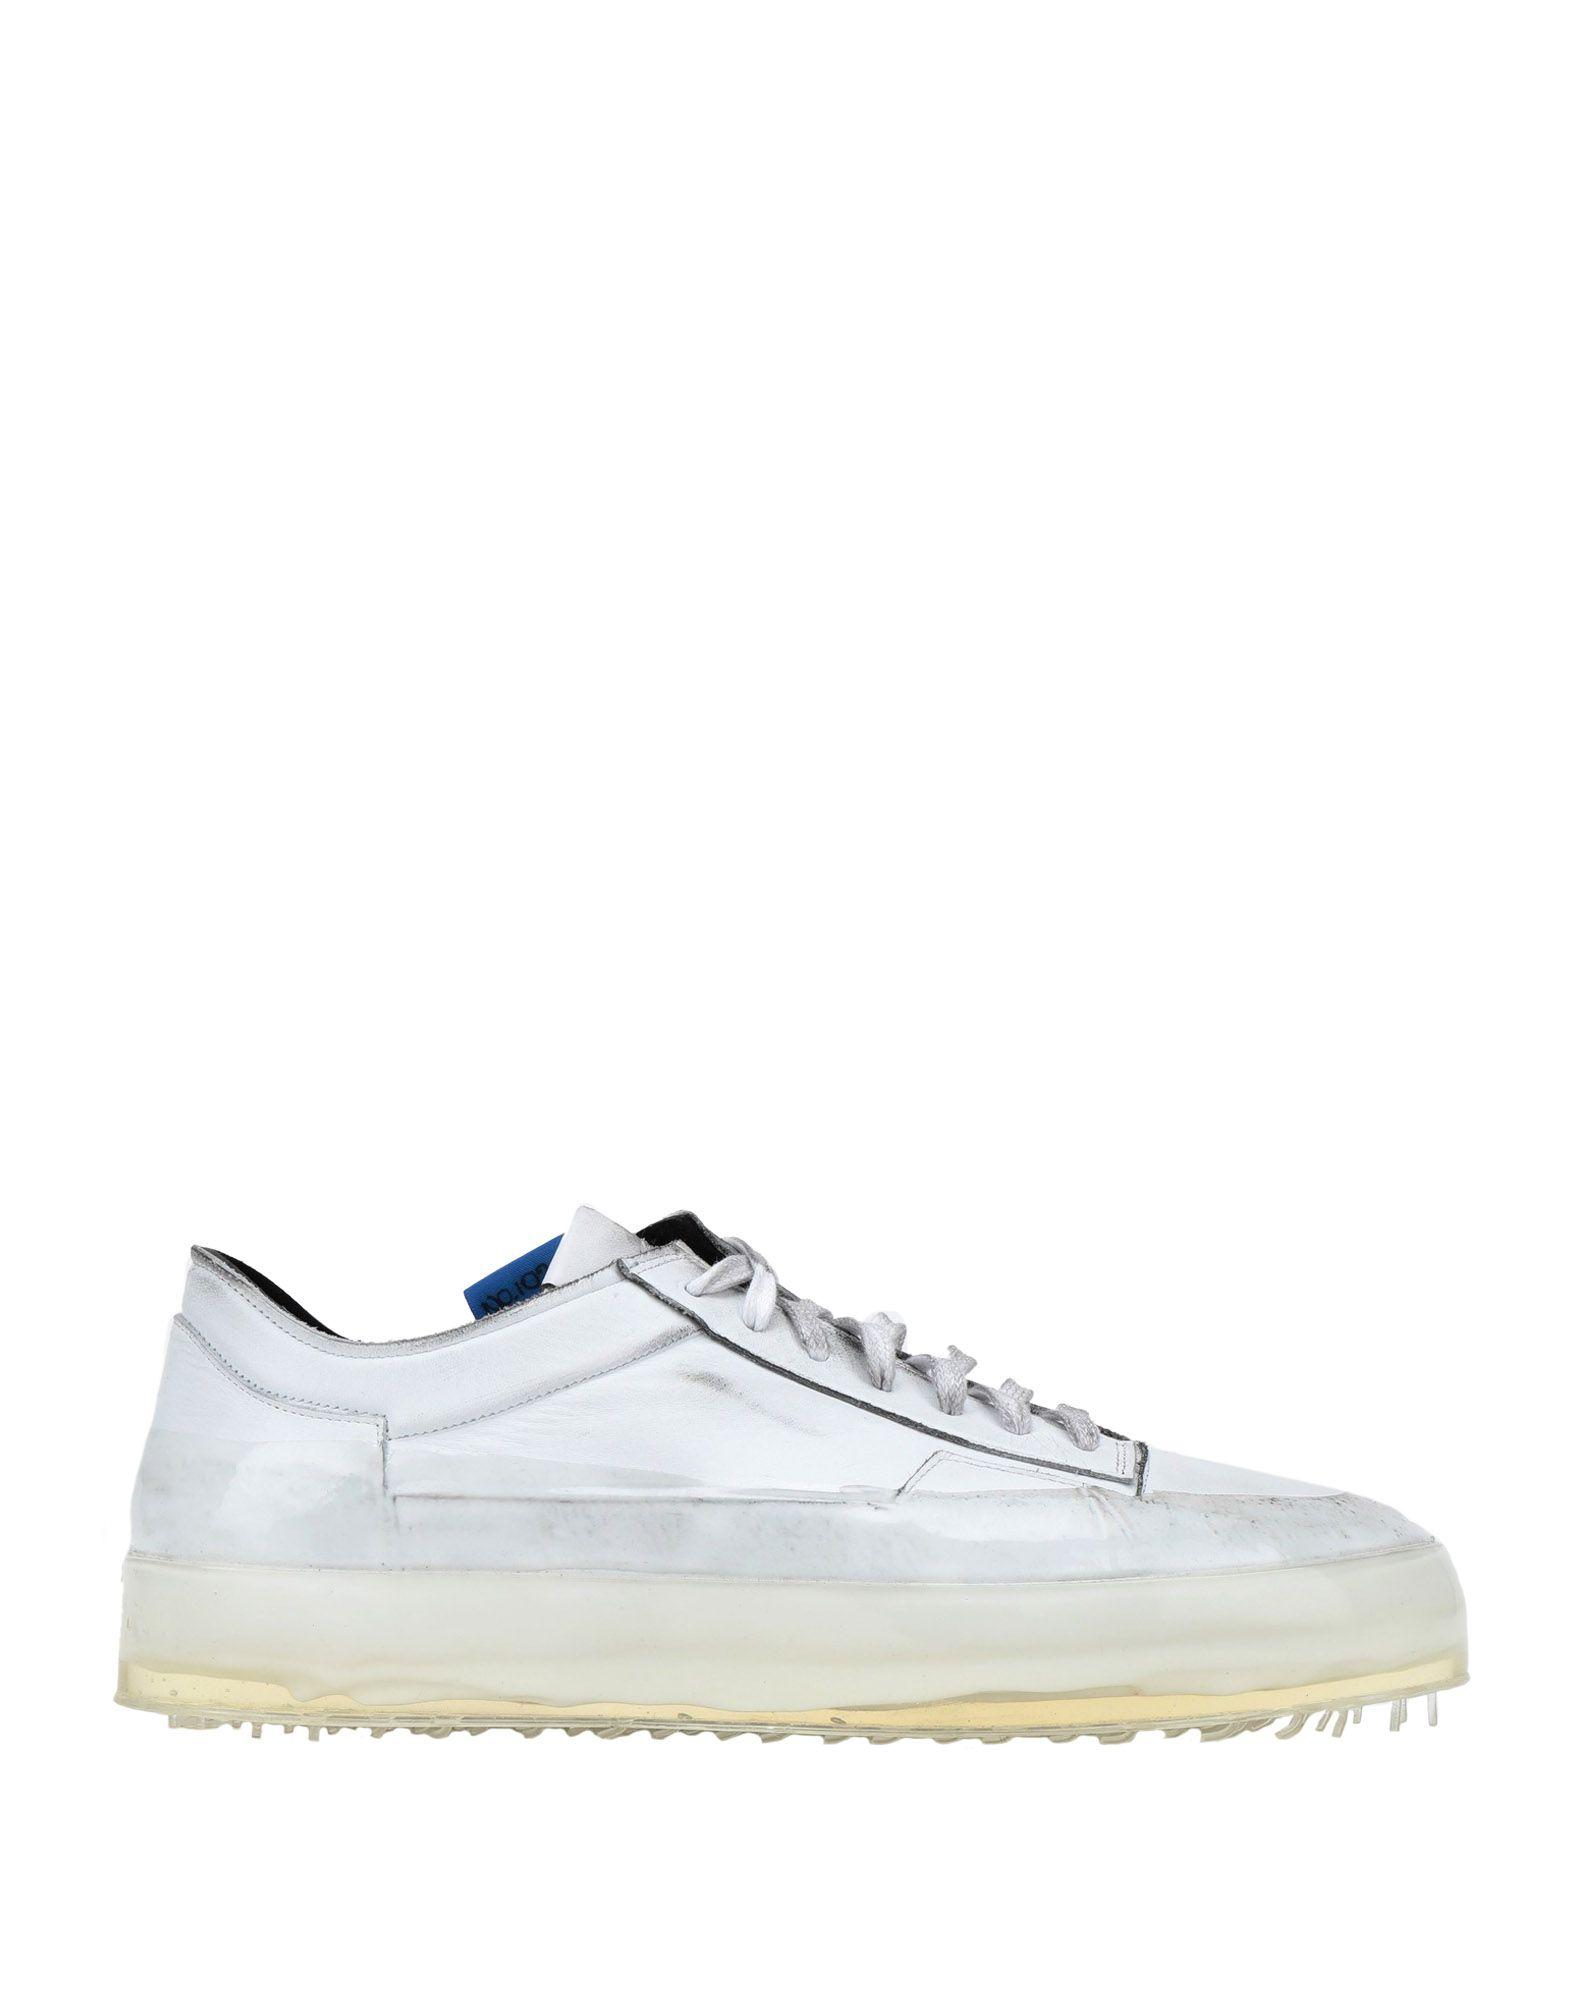 Rubber Soul Sneakers Sneakers - Men Rubber Soul Sneakers Sneakers online on  Australia - 11540894TT 3b9218